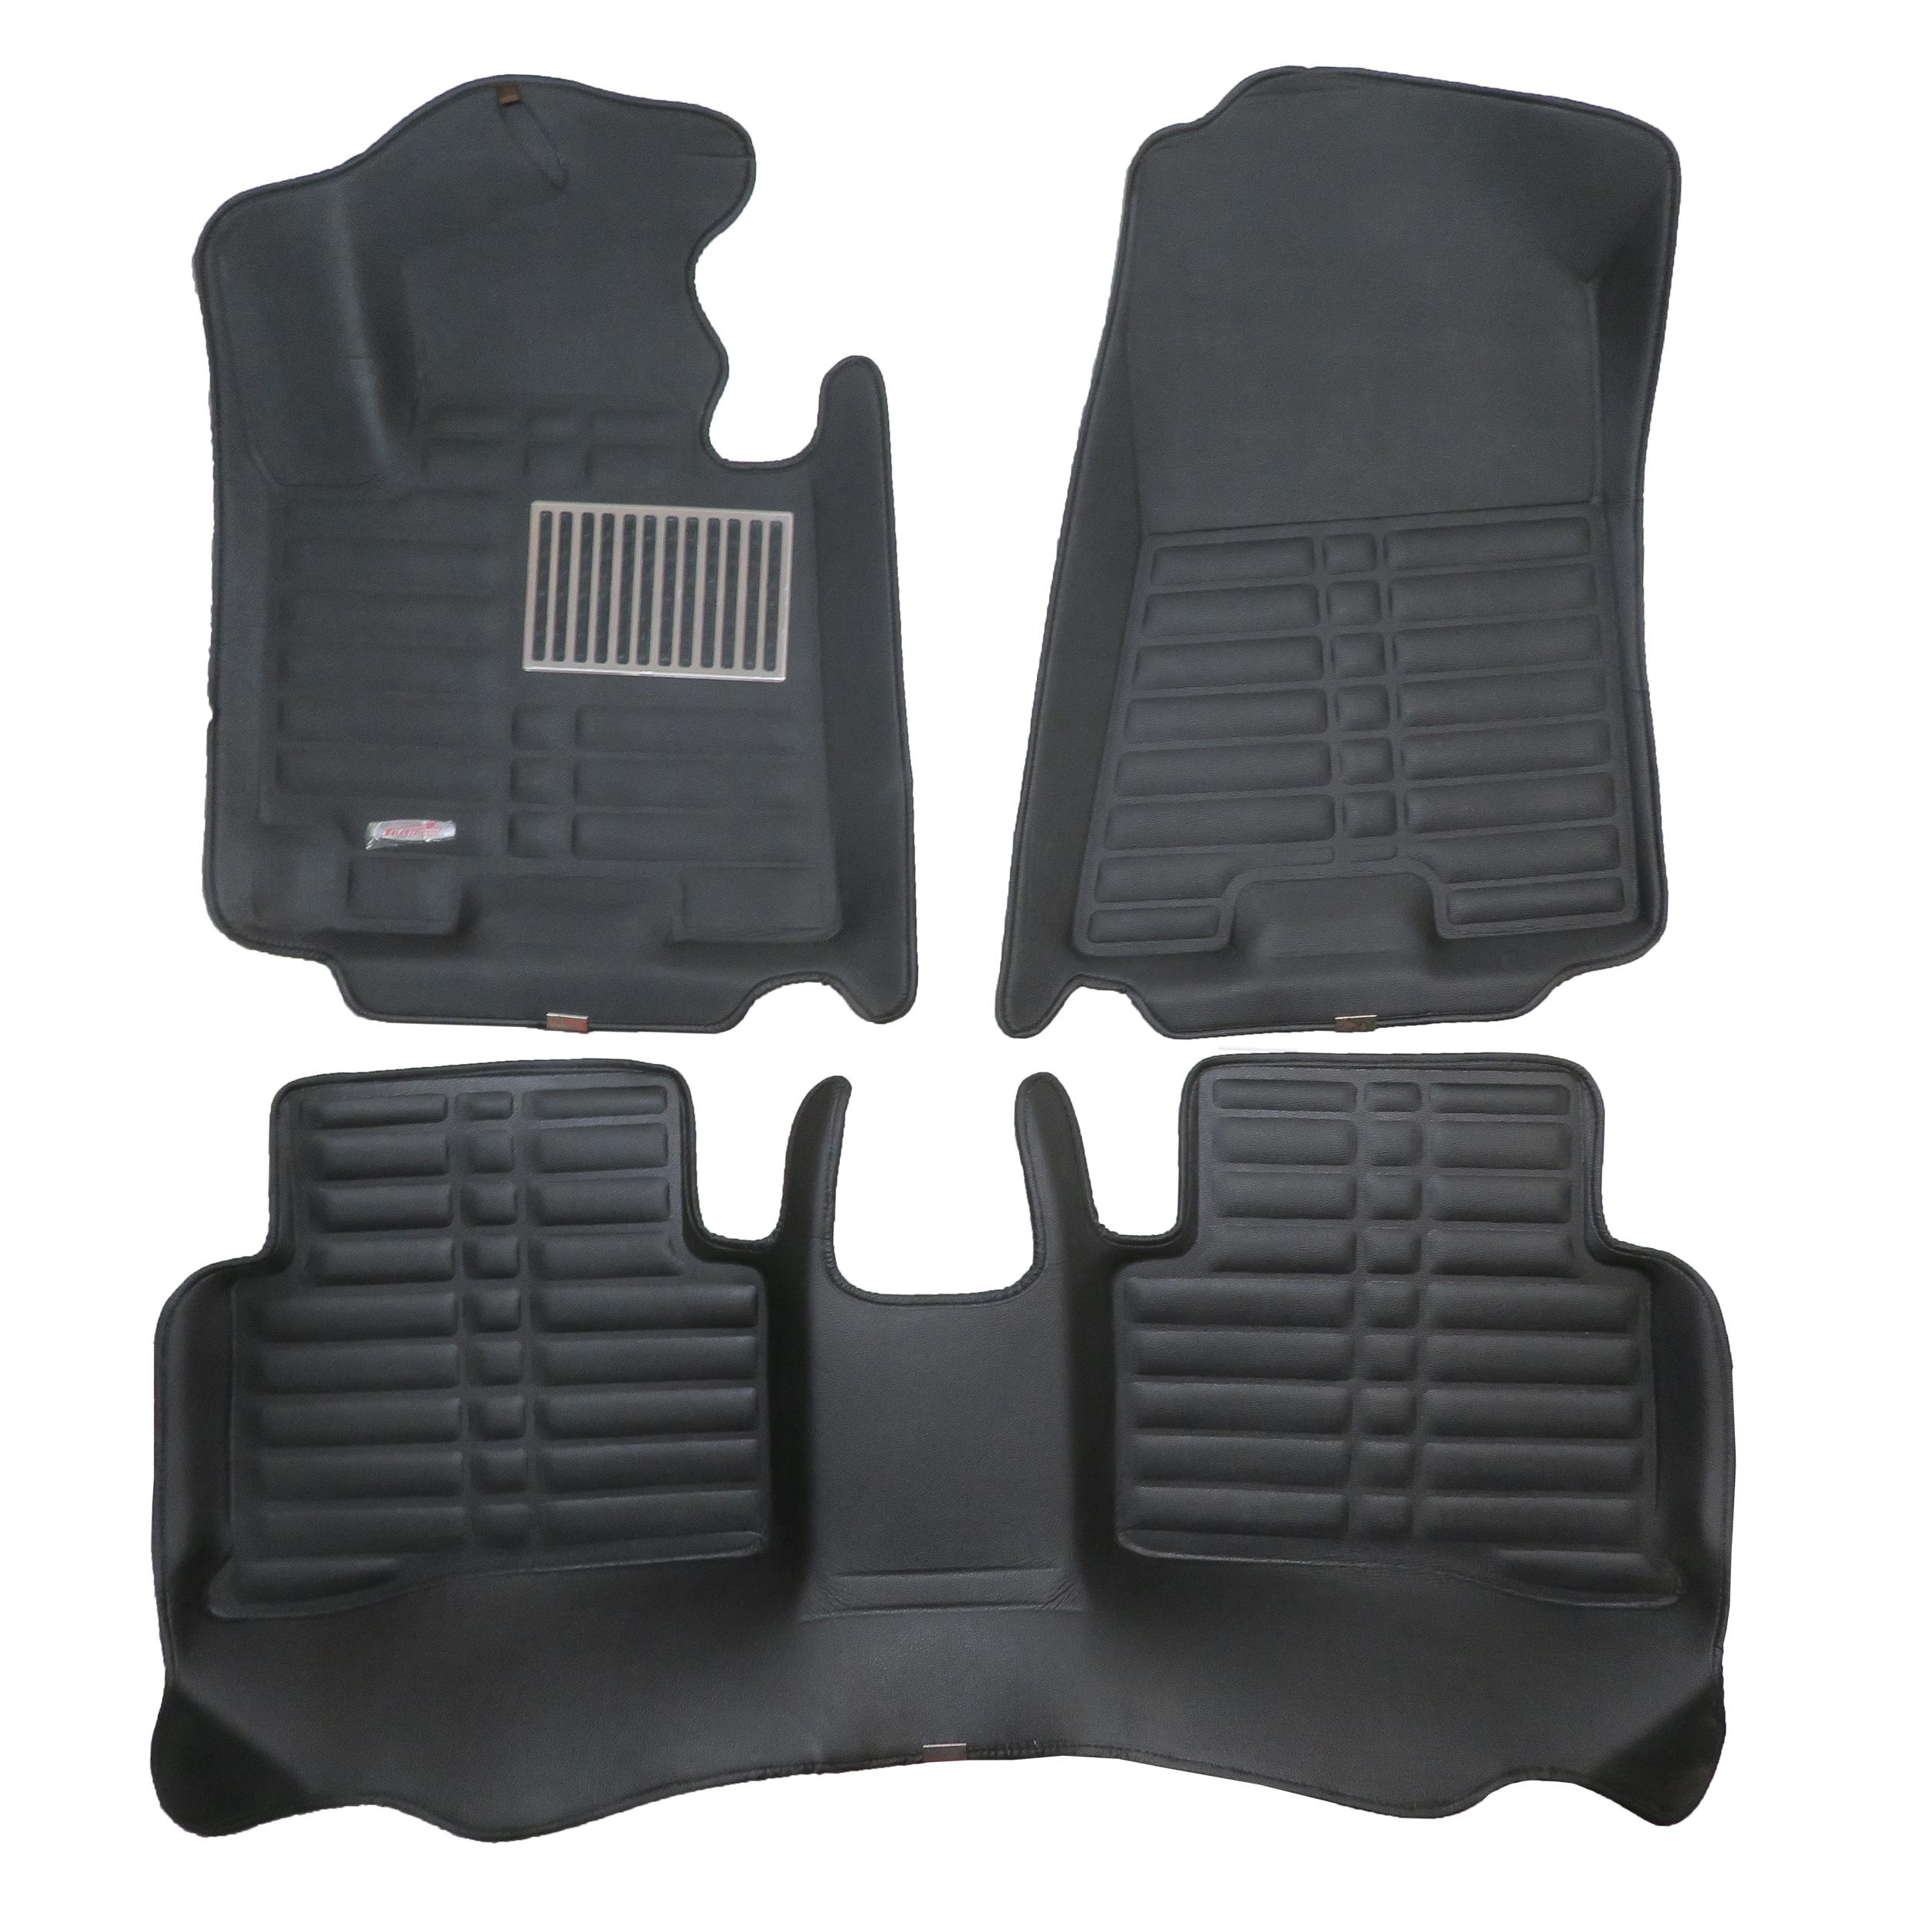 روکش صندلی خودرو سلست مدل sv02 مناسب برای کیا اسپورتیج